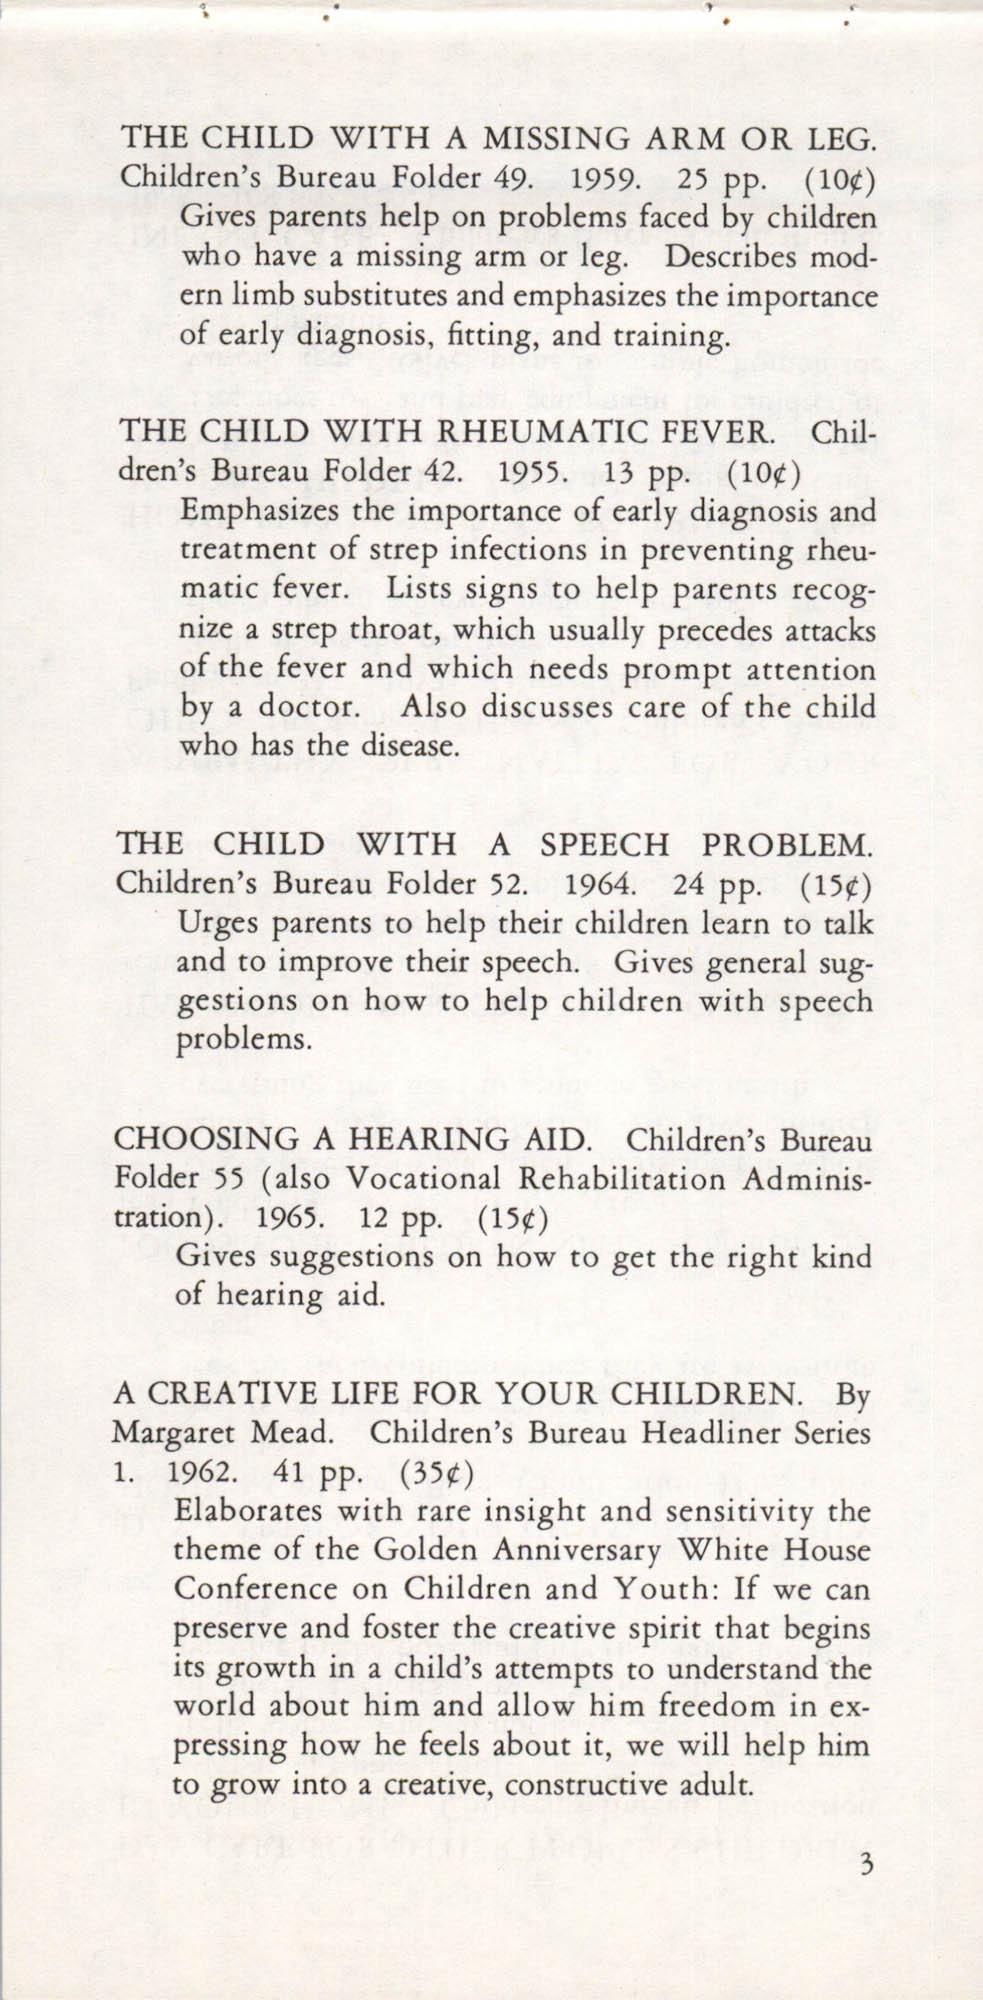 Publications of the Children's Bureau, Page 3